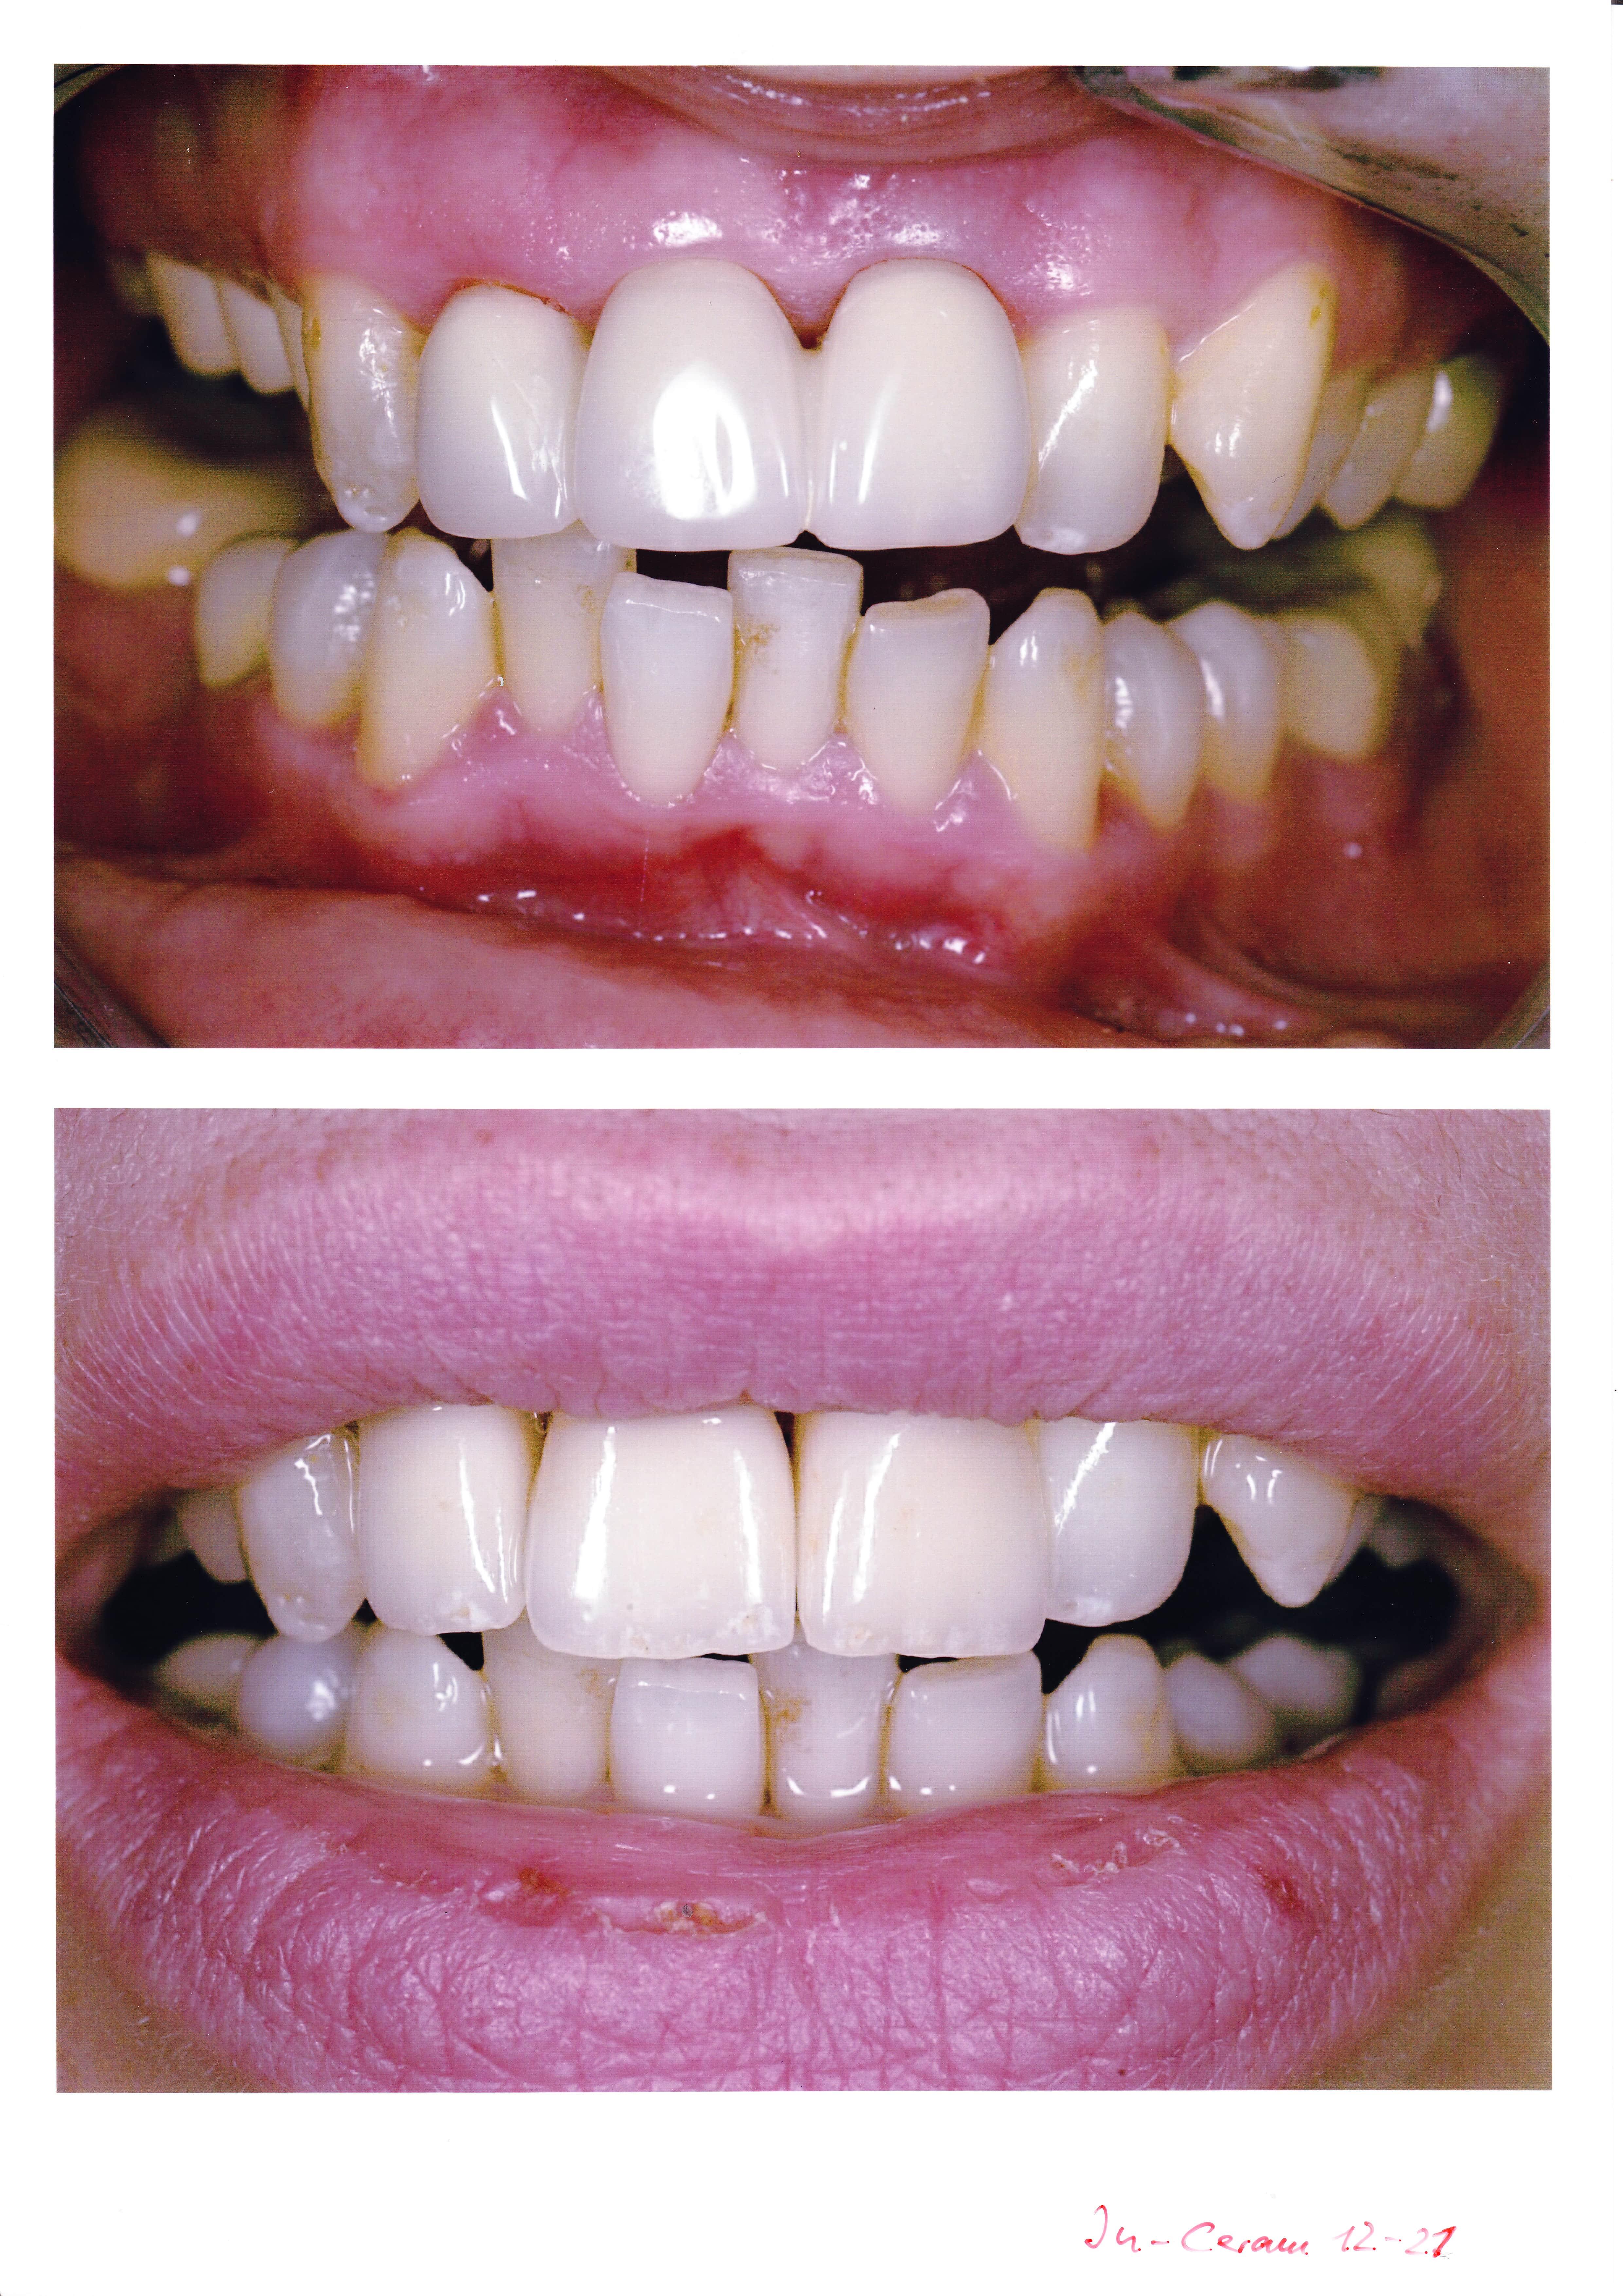 zahnbleaching bielefeld - spezialisierte Zahnärzte für ästhetische zahnmedizin